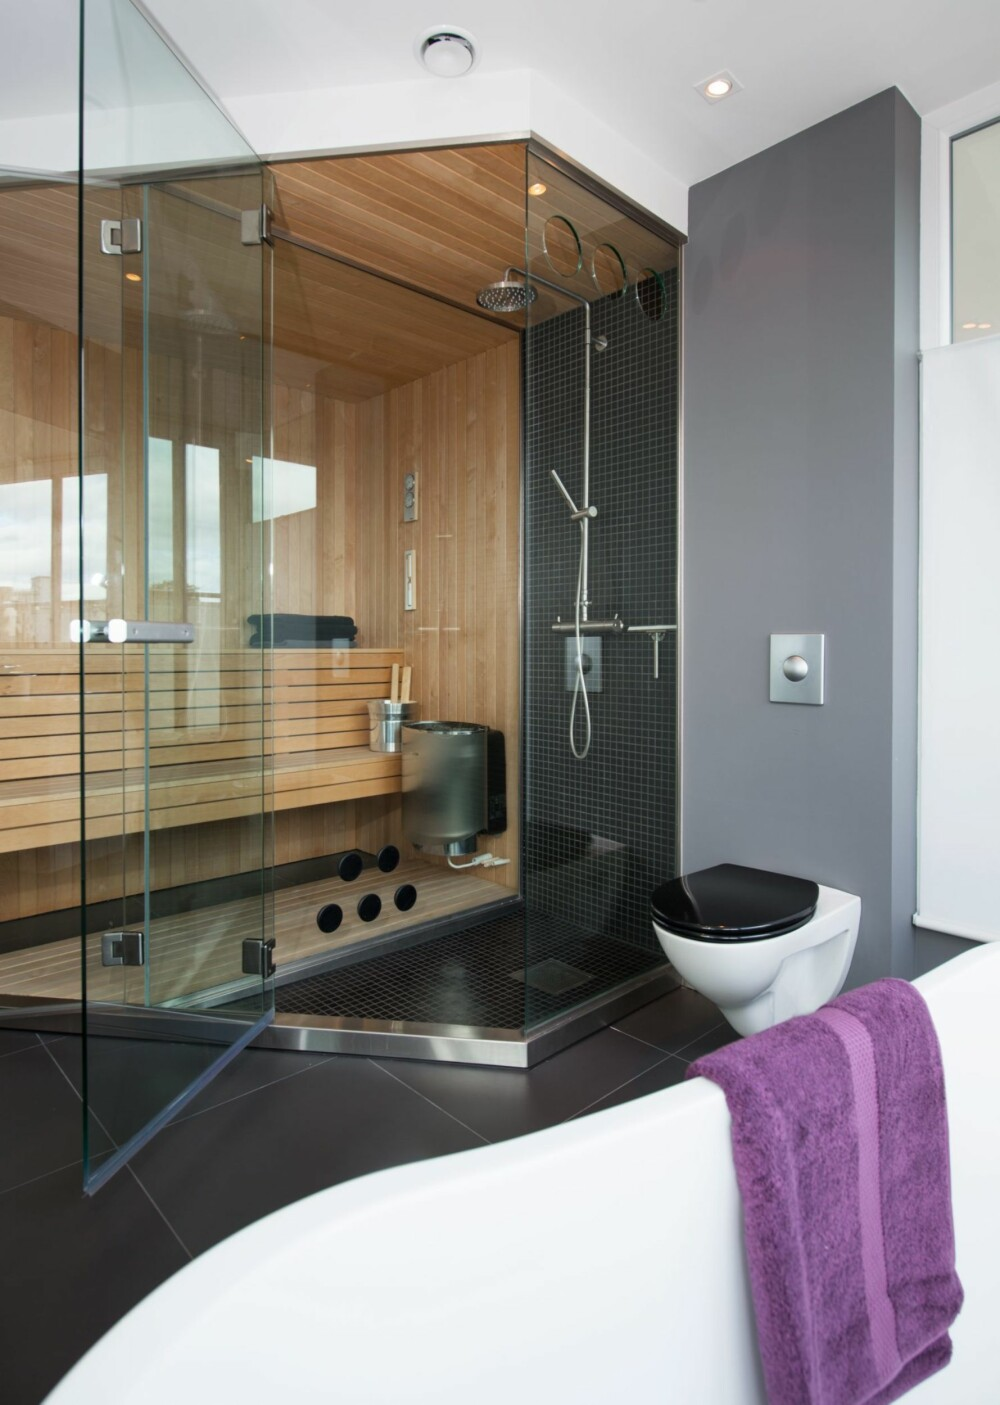 BADSTUE: Badet inneholder også en badstue som er bygget på stedet av Miljø-Bygg.